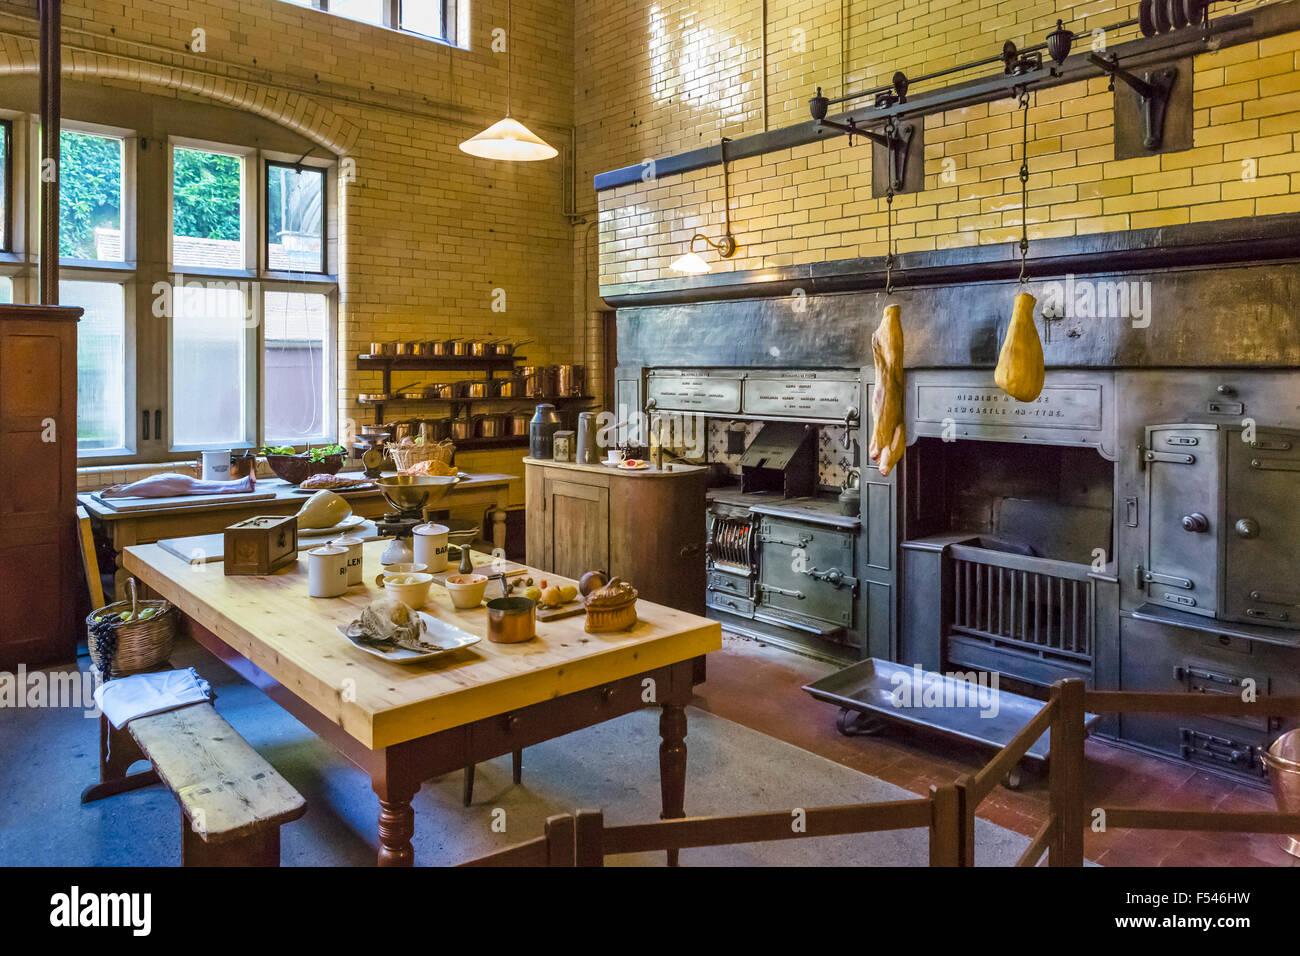 cuisine de cragside l 39 ancienne maison de 19thc fabricant d 39 armement seigneur armstrong. Black Bedroom Furniture Sets. Home Design Ideas